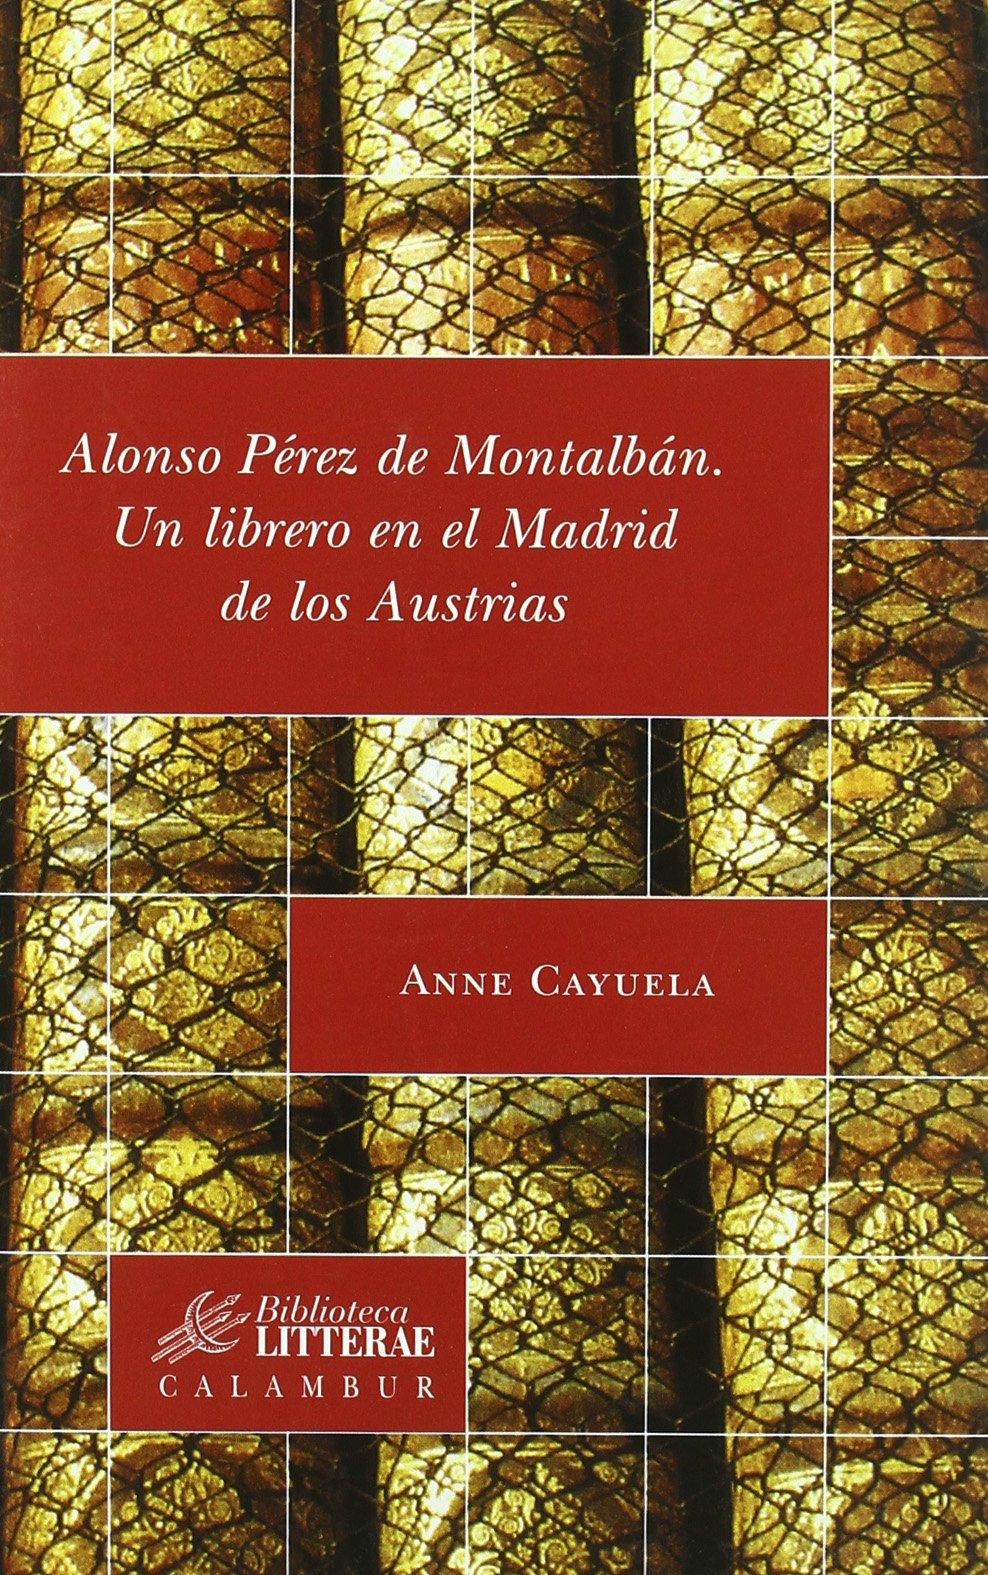 Alonso Pérez de Montalbán. Un librero en el Madrid de los Austrias (Spanish Edition)